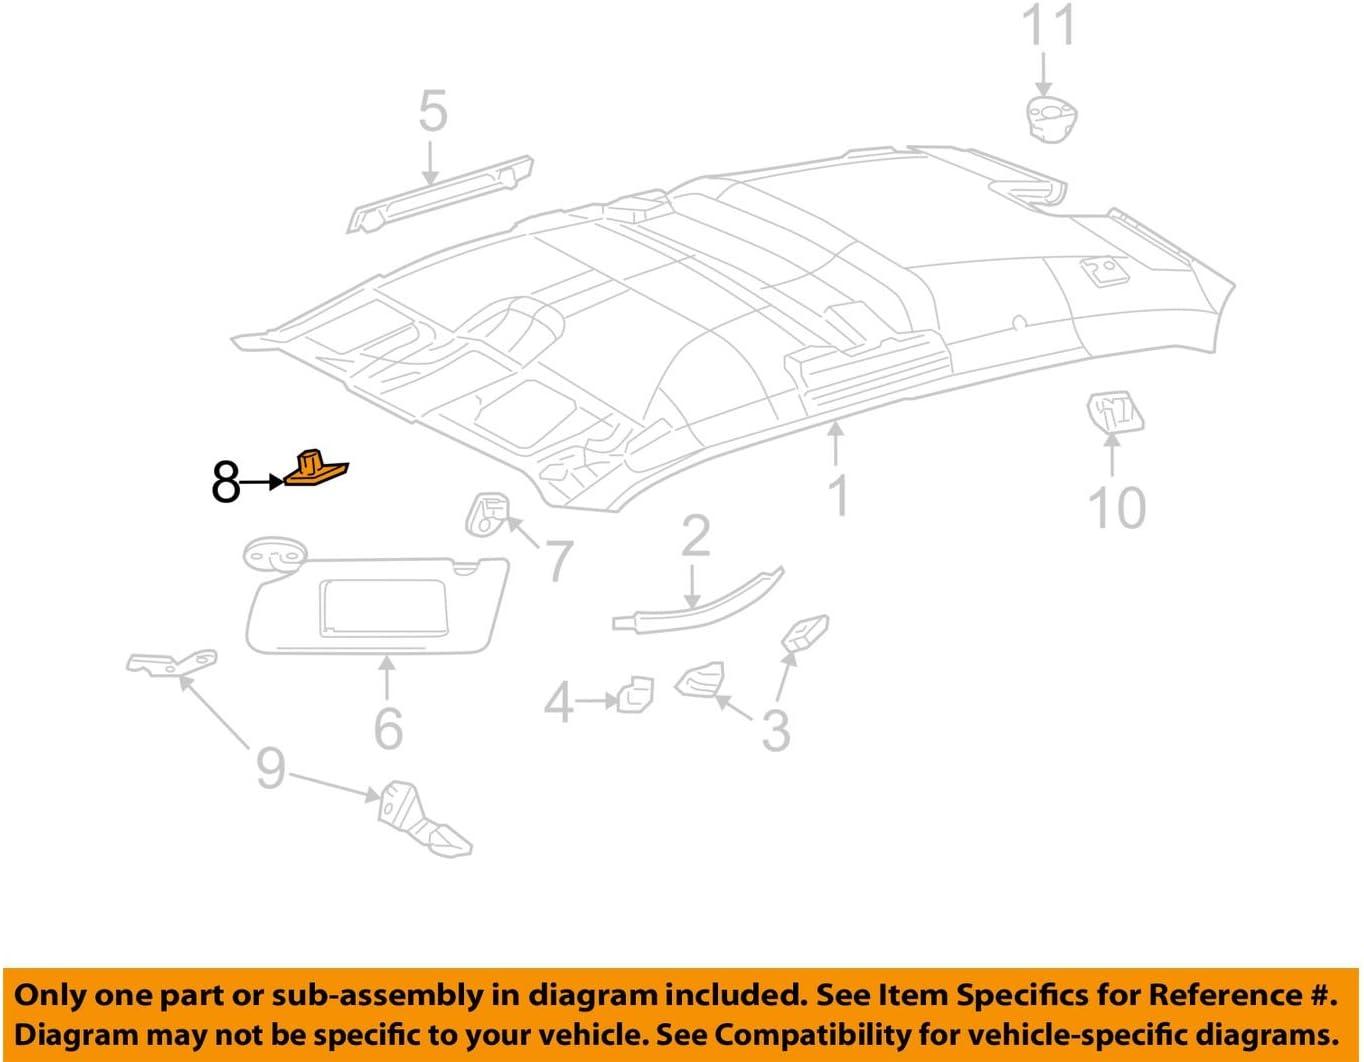 Chrysler Genuine PX40TL2AB Visor Clip